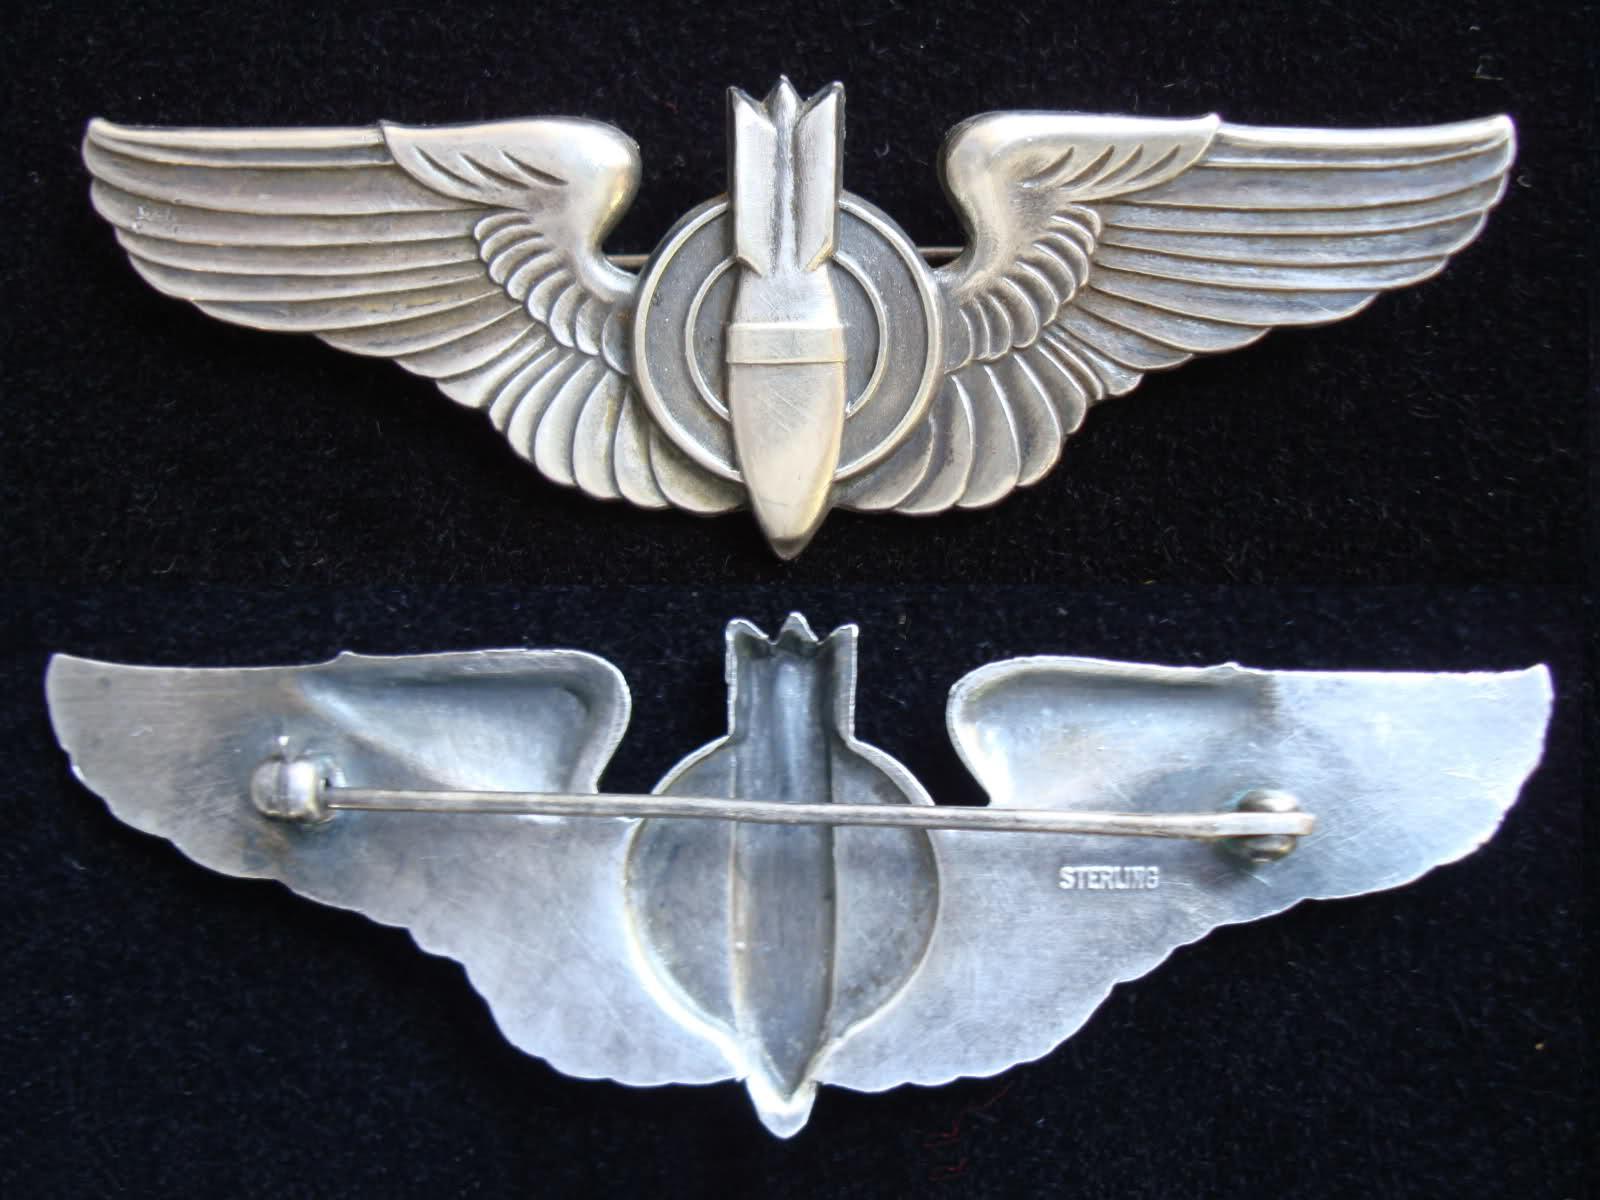 Ww2 wings photo